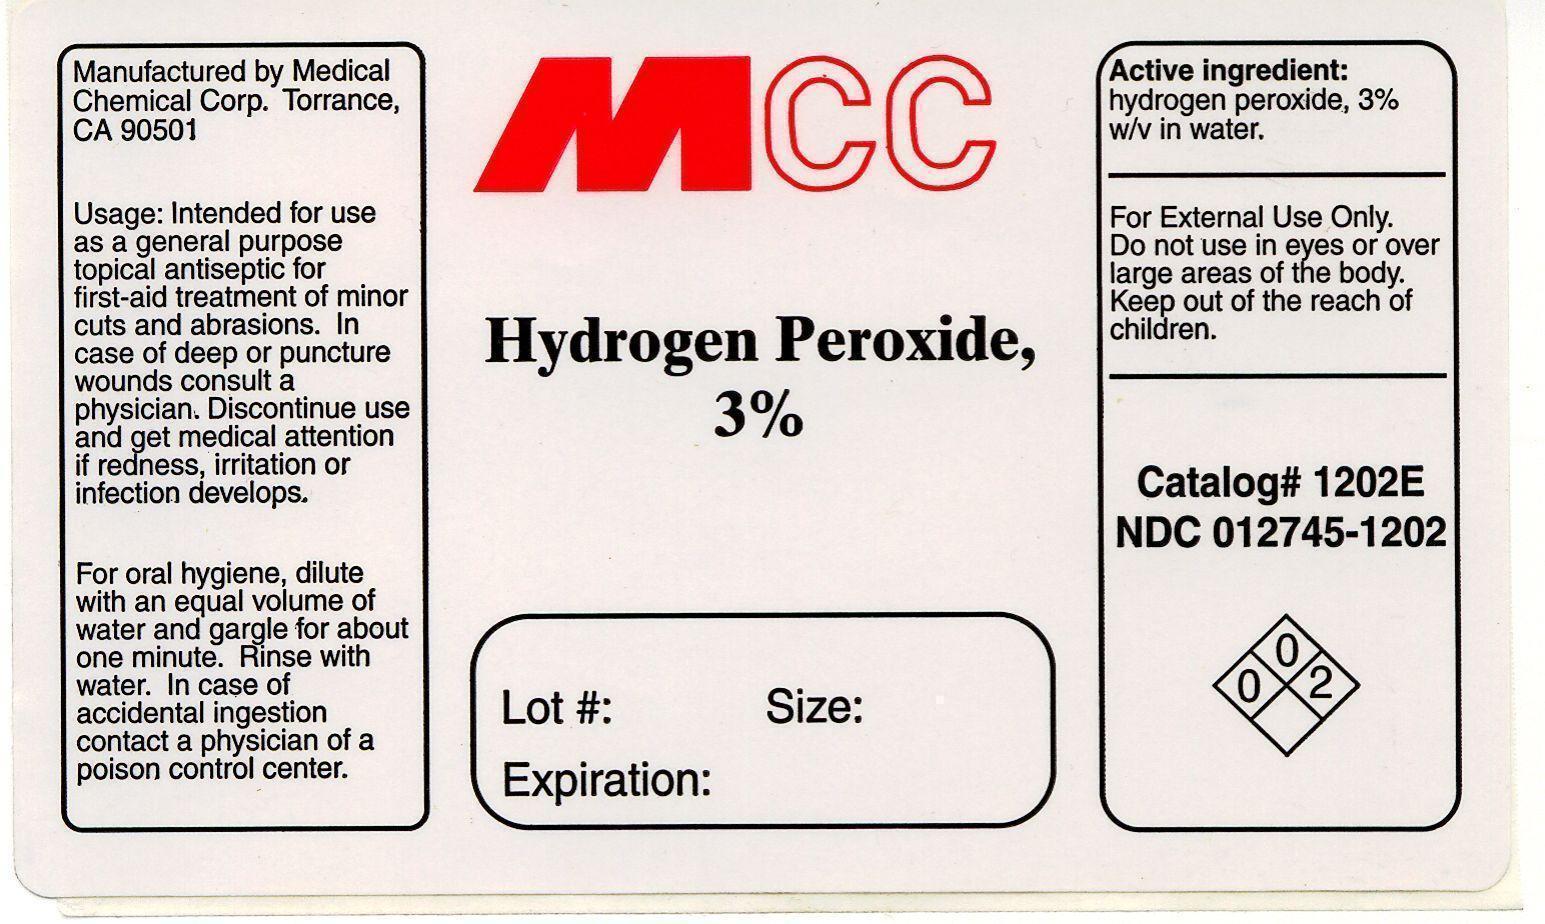 Hydrogen Peroxide Label